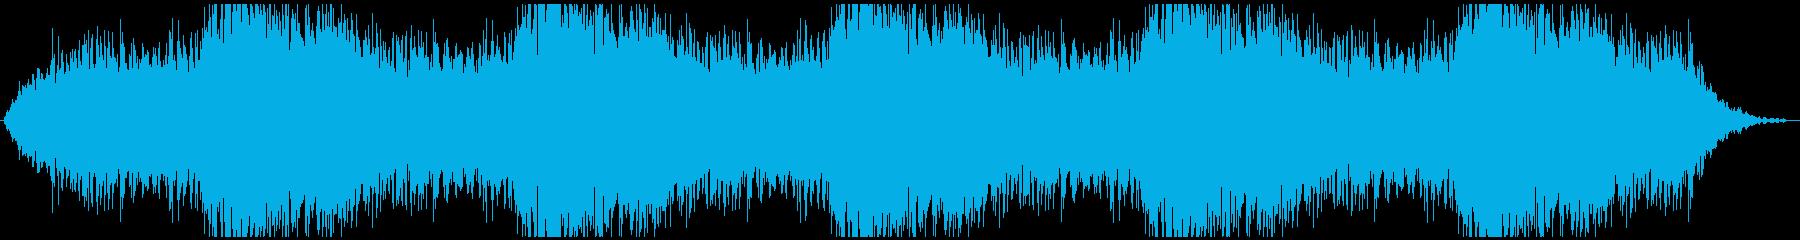 PADS 泣き叫ぶ01の再生済みの波形